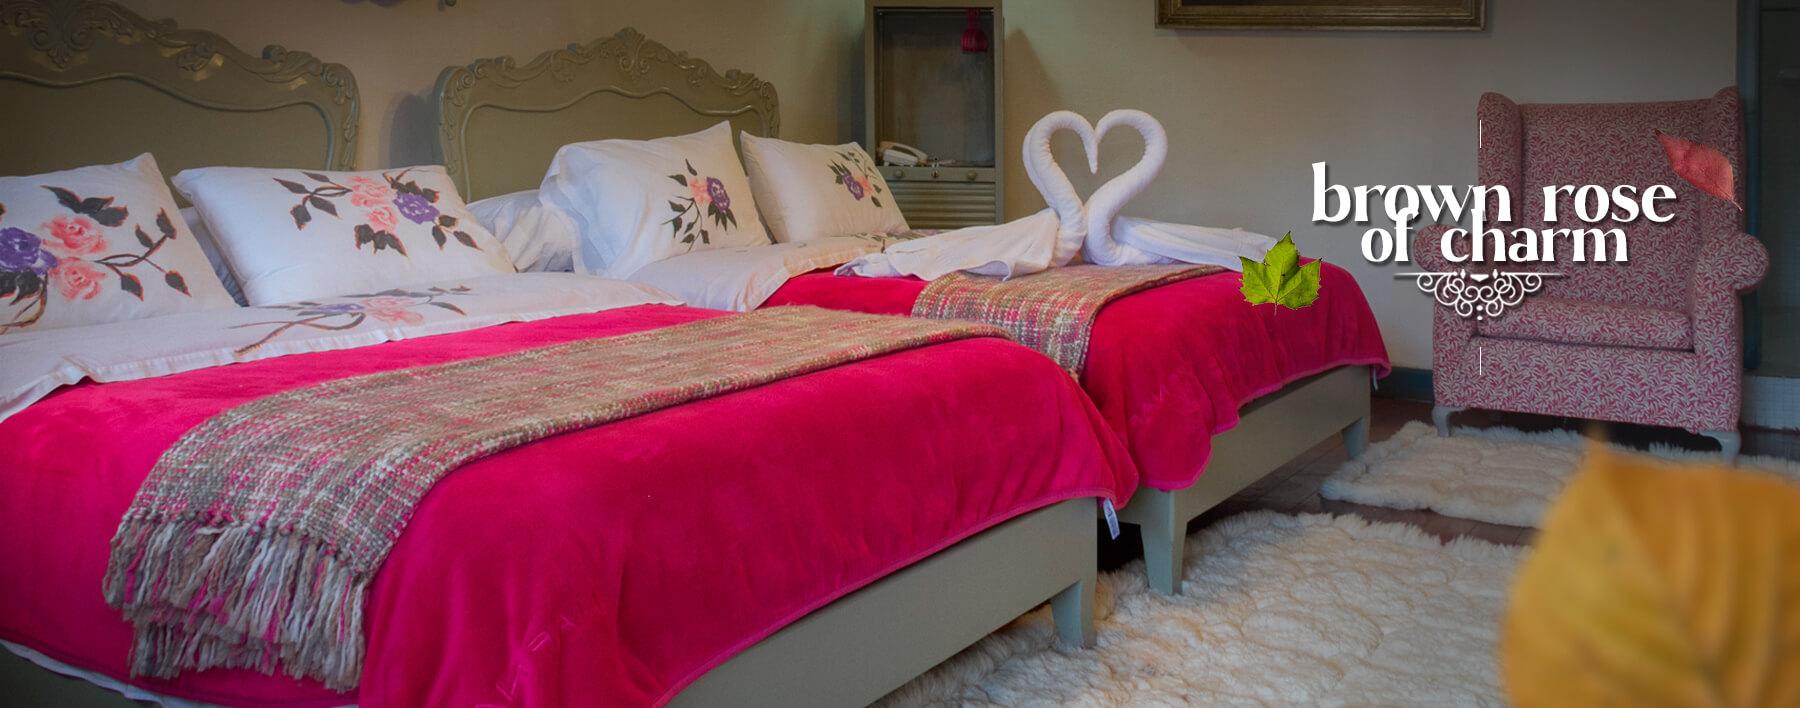 hotel-boutique-casa-de-hacienda-su-merced-habitacion-vida-rosa-banner-ingles